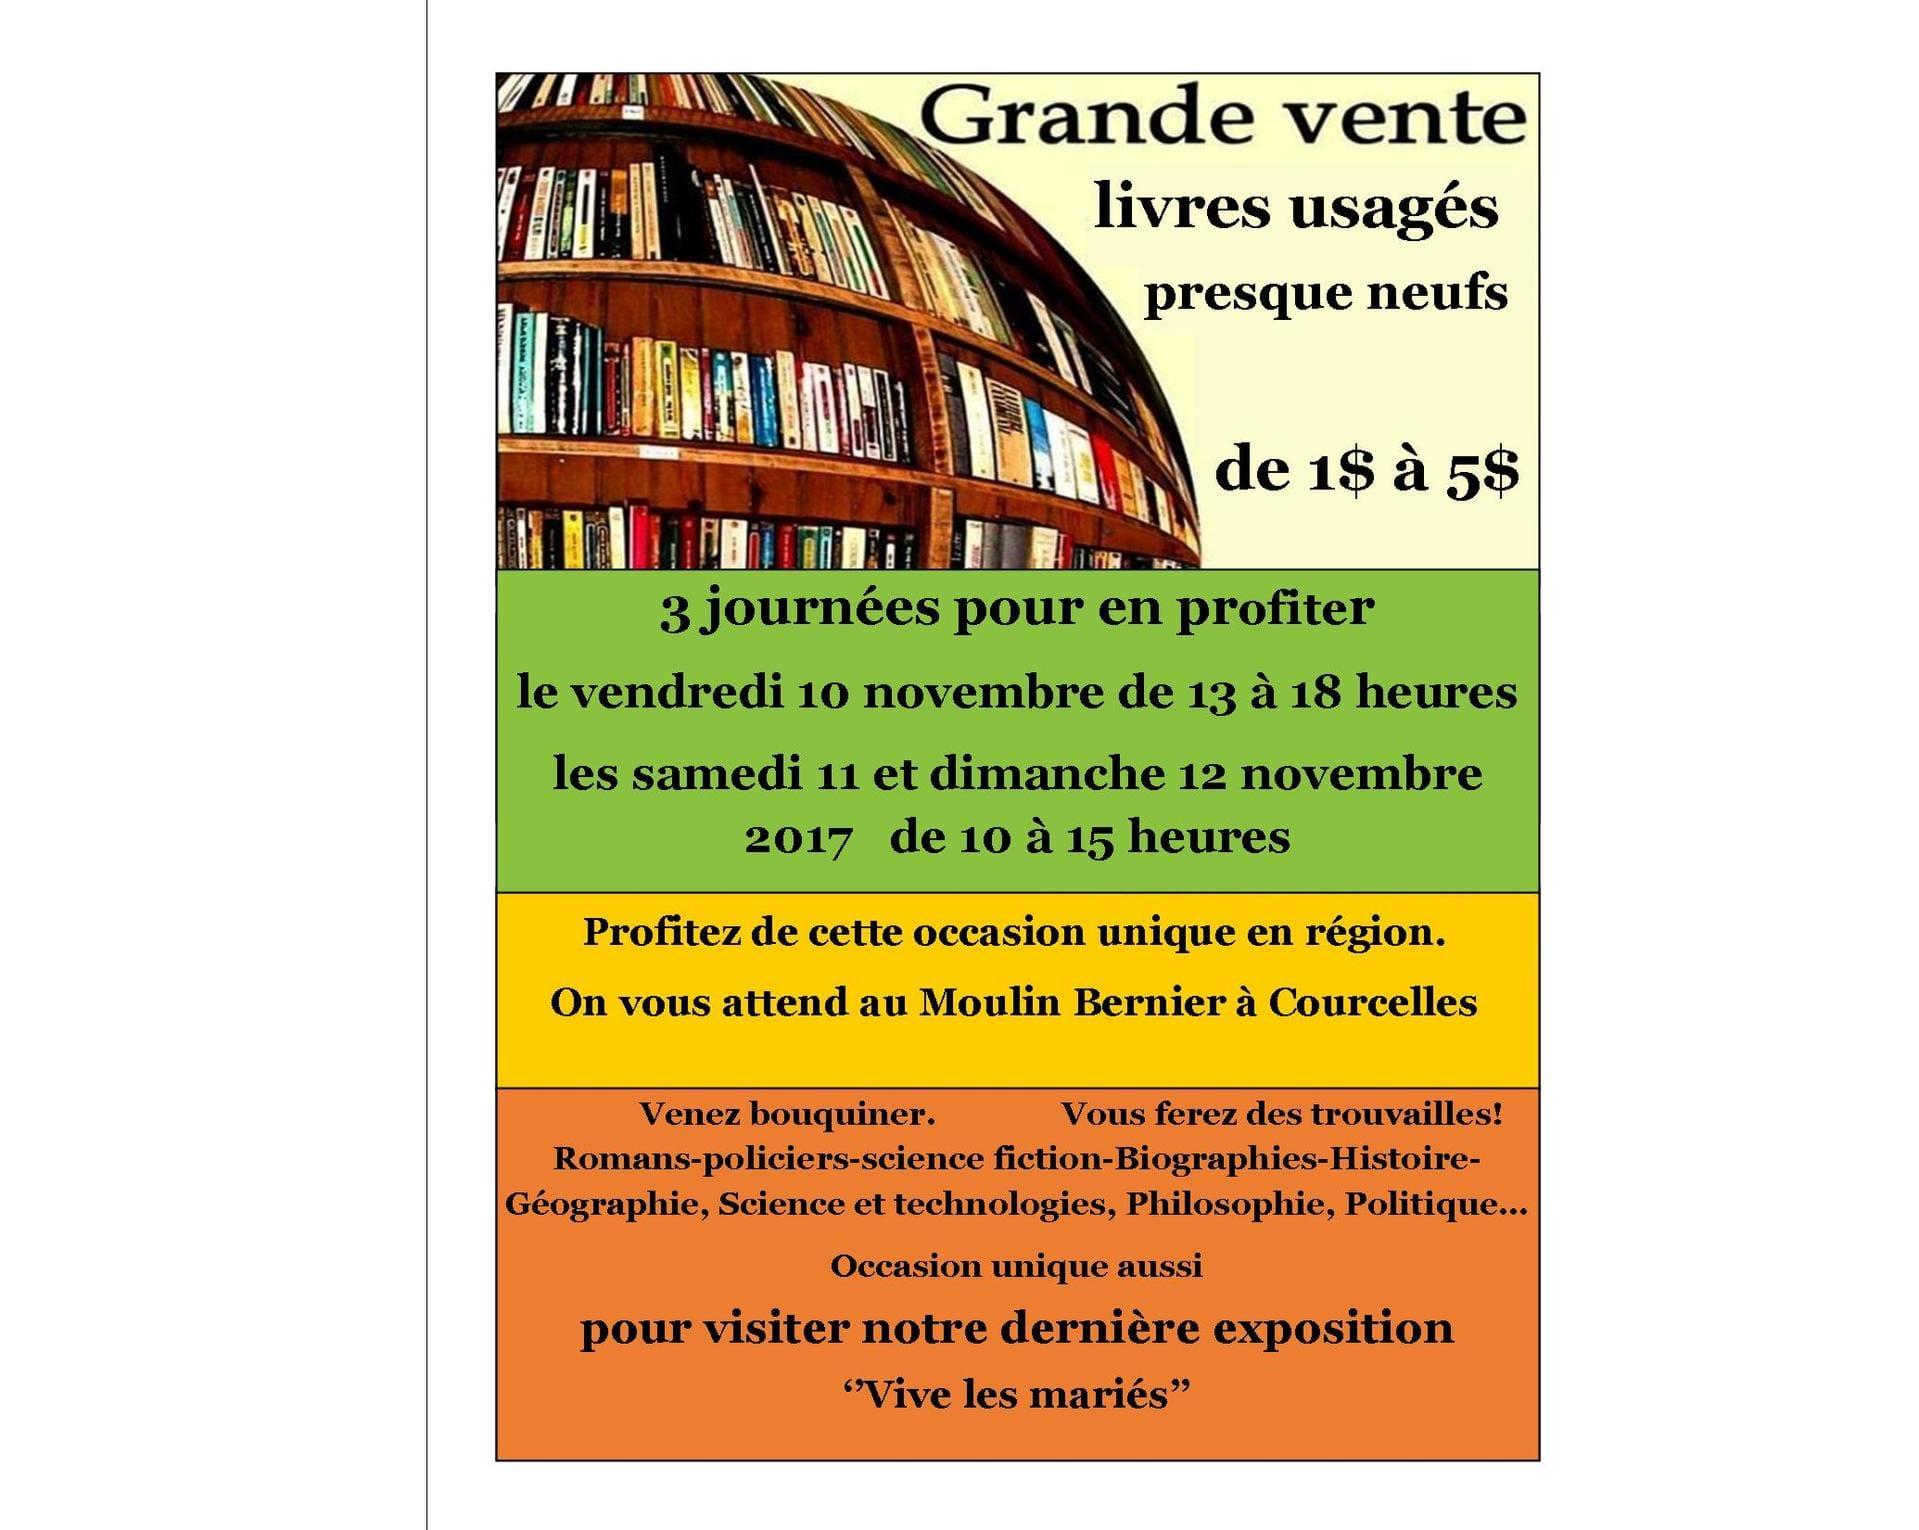 Grande vente de livres usagés, Moulin Bernier, Courcelles